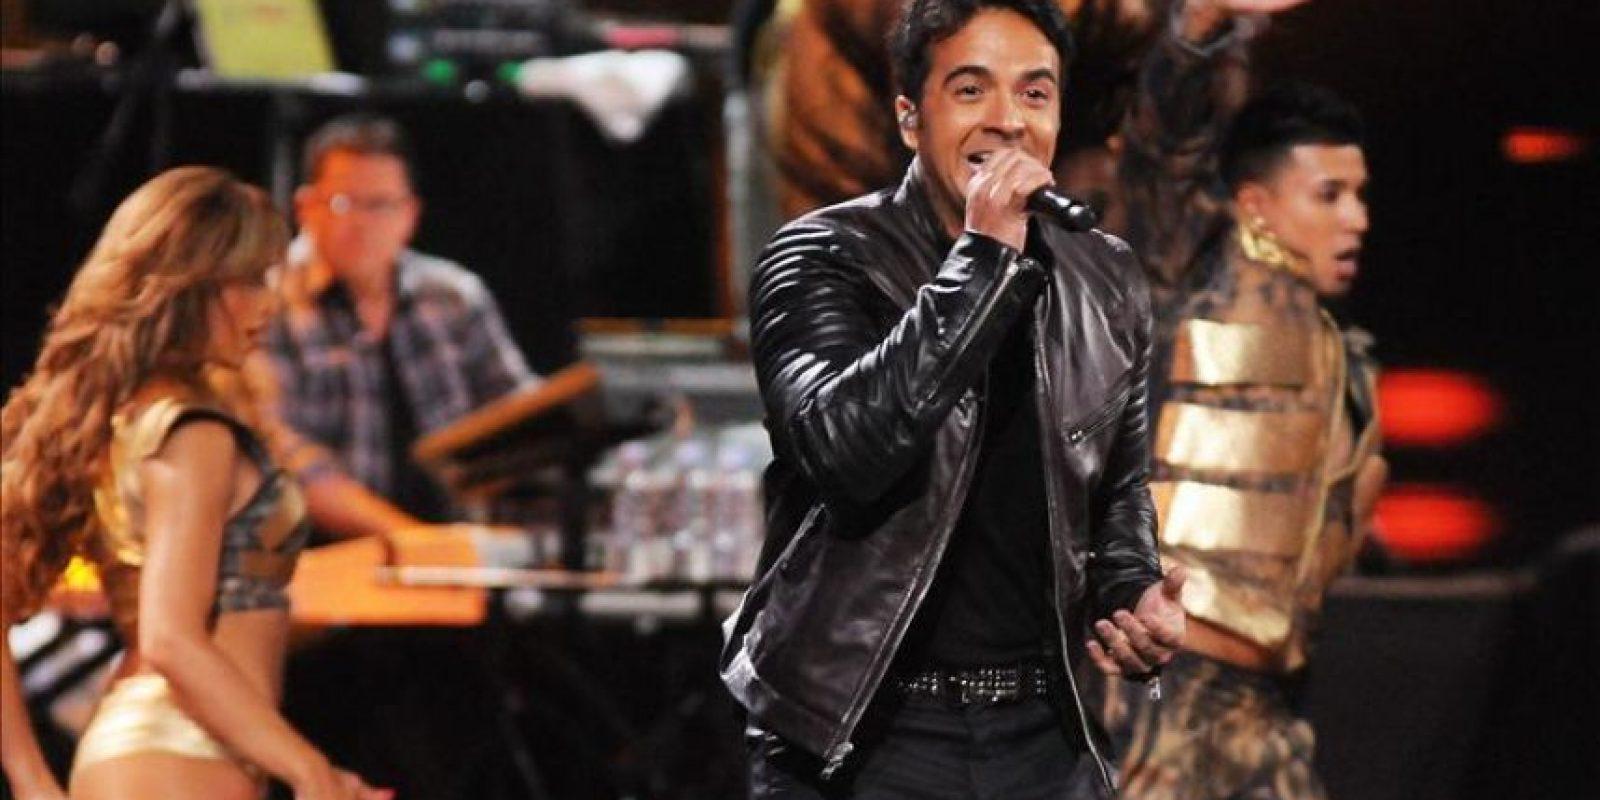 El cantante Luis Fonsi, en el 53 Festival Internacional de la Canción de Viña del Mar (Chile). EFE